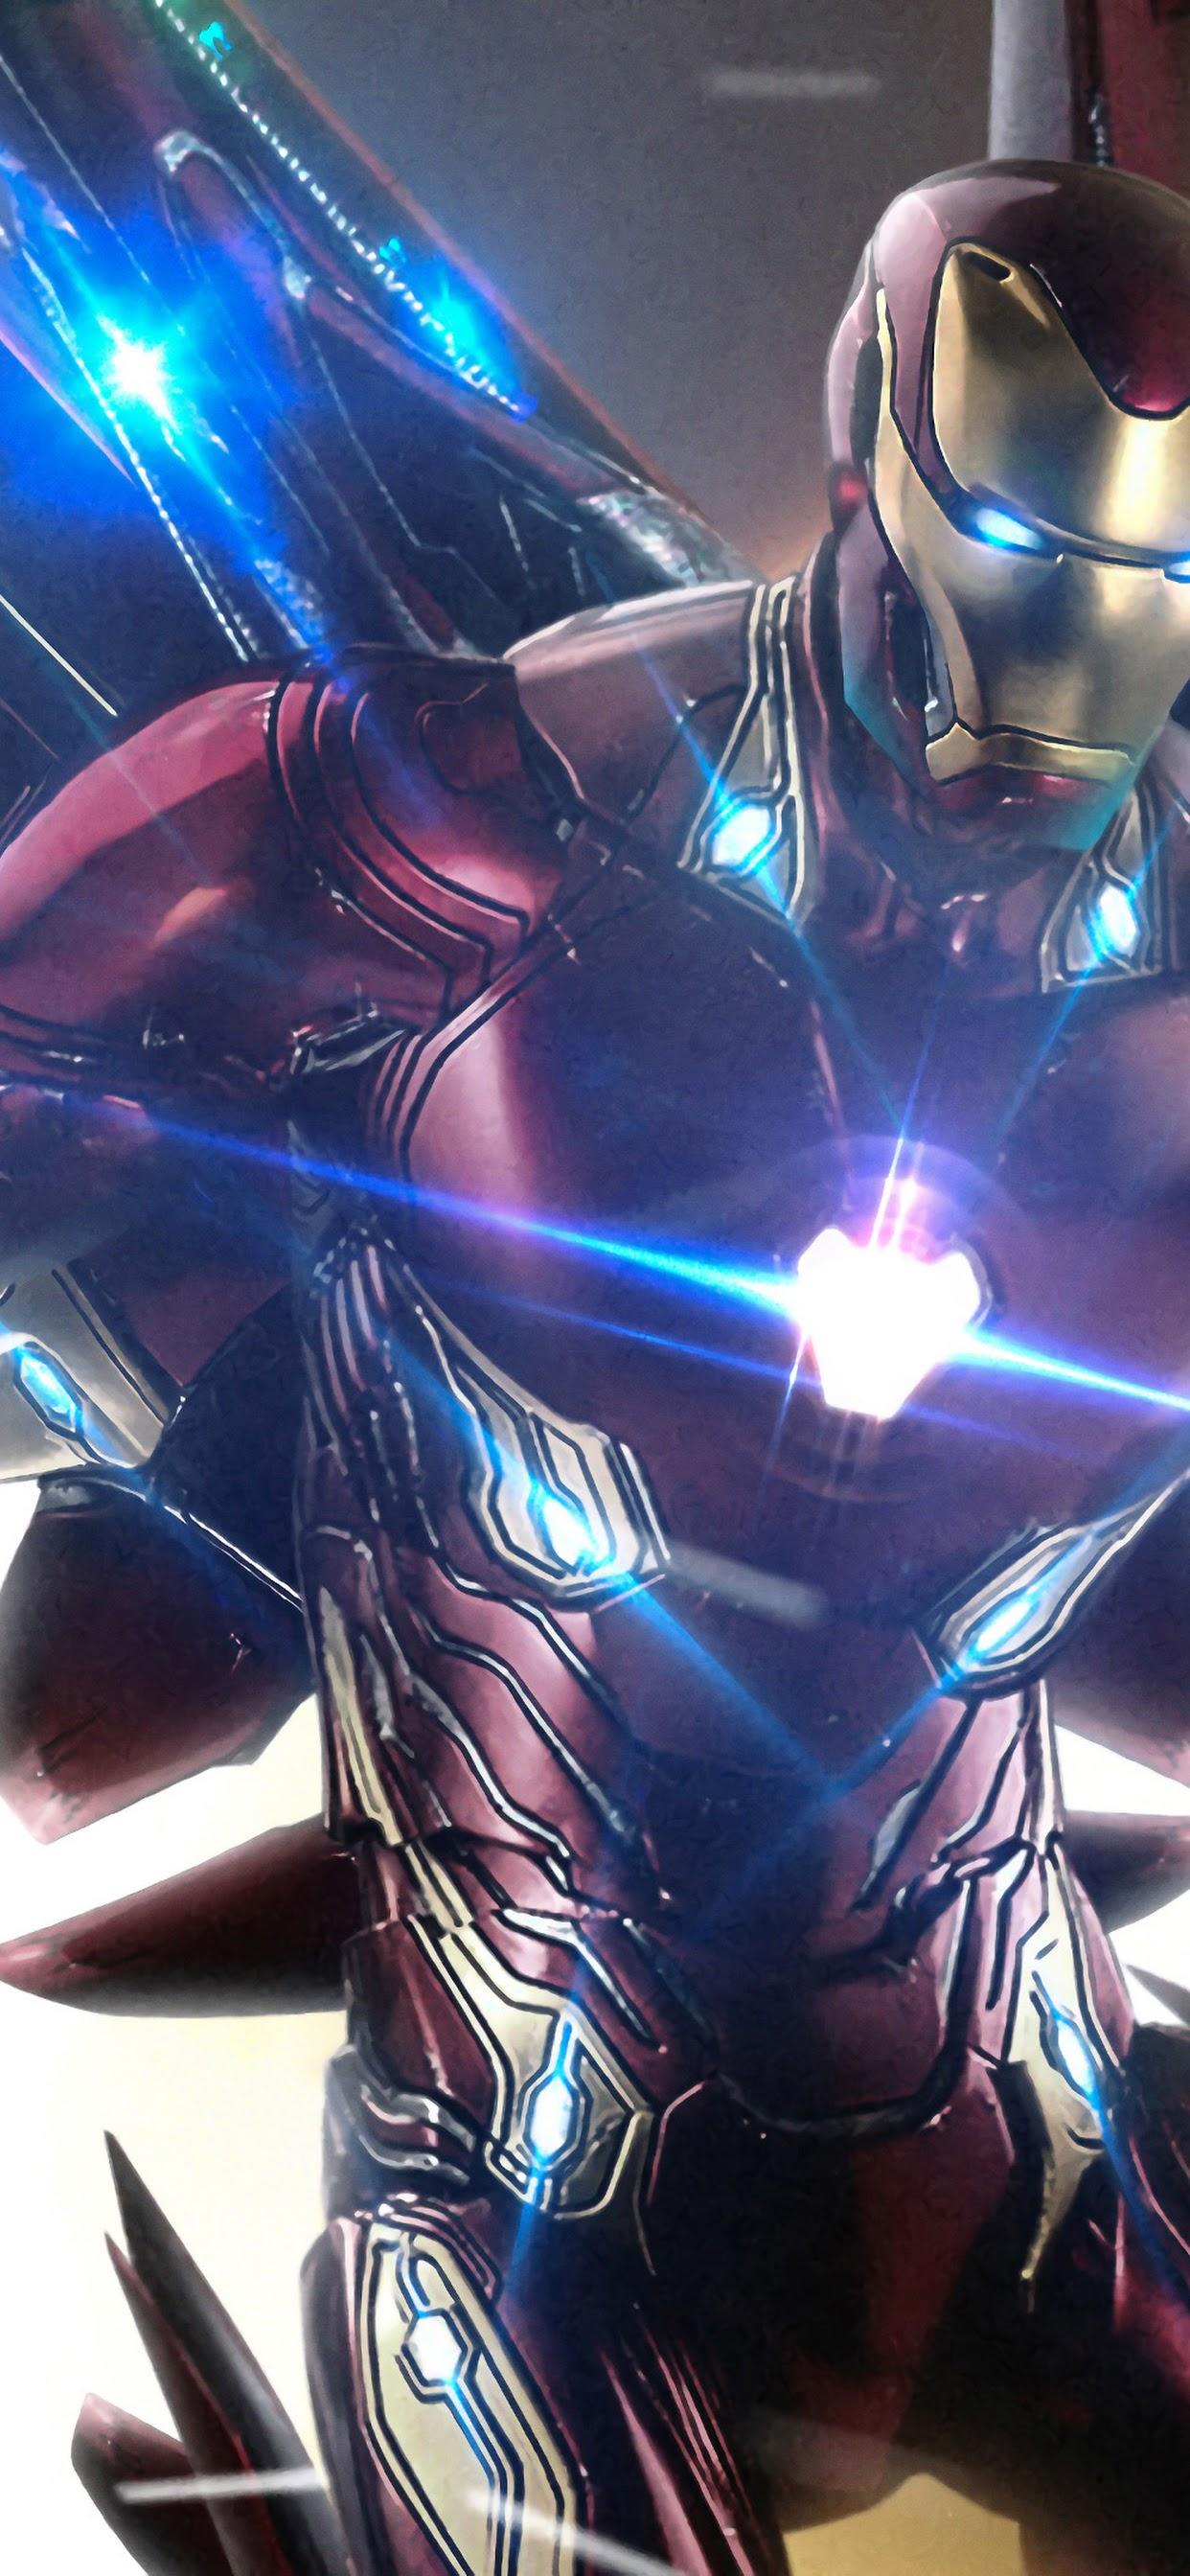 Iron Man Infinity Stones Avengers Iron Man In Endgame 1242x2688 Wallpaper Teahub Io